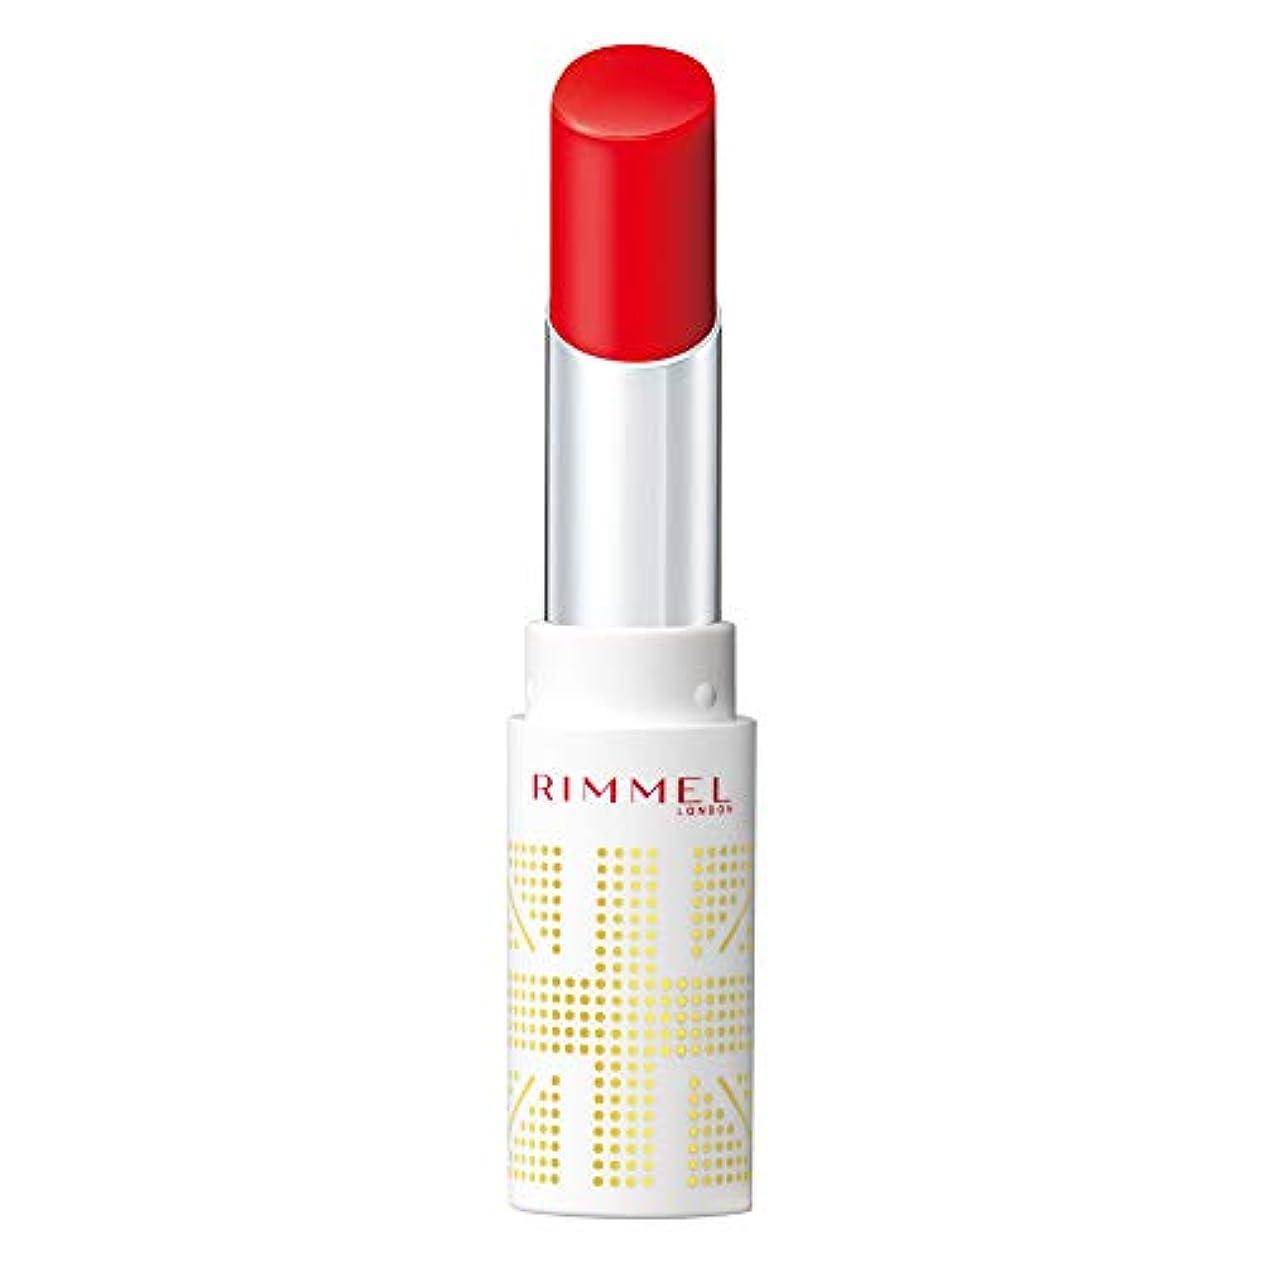 宗教的なとティームケーブルカーRimmel (リンメル) リンメル ラスティングフィニッシュ オイルティントリップ 002 マンダリンレッド 3.8g 口紅